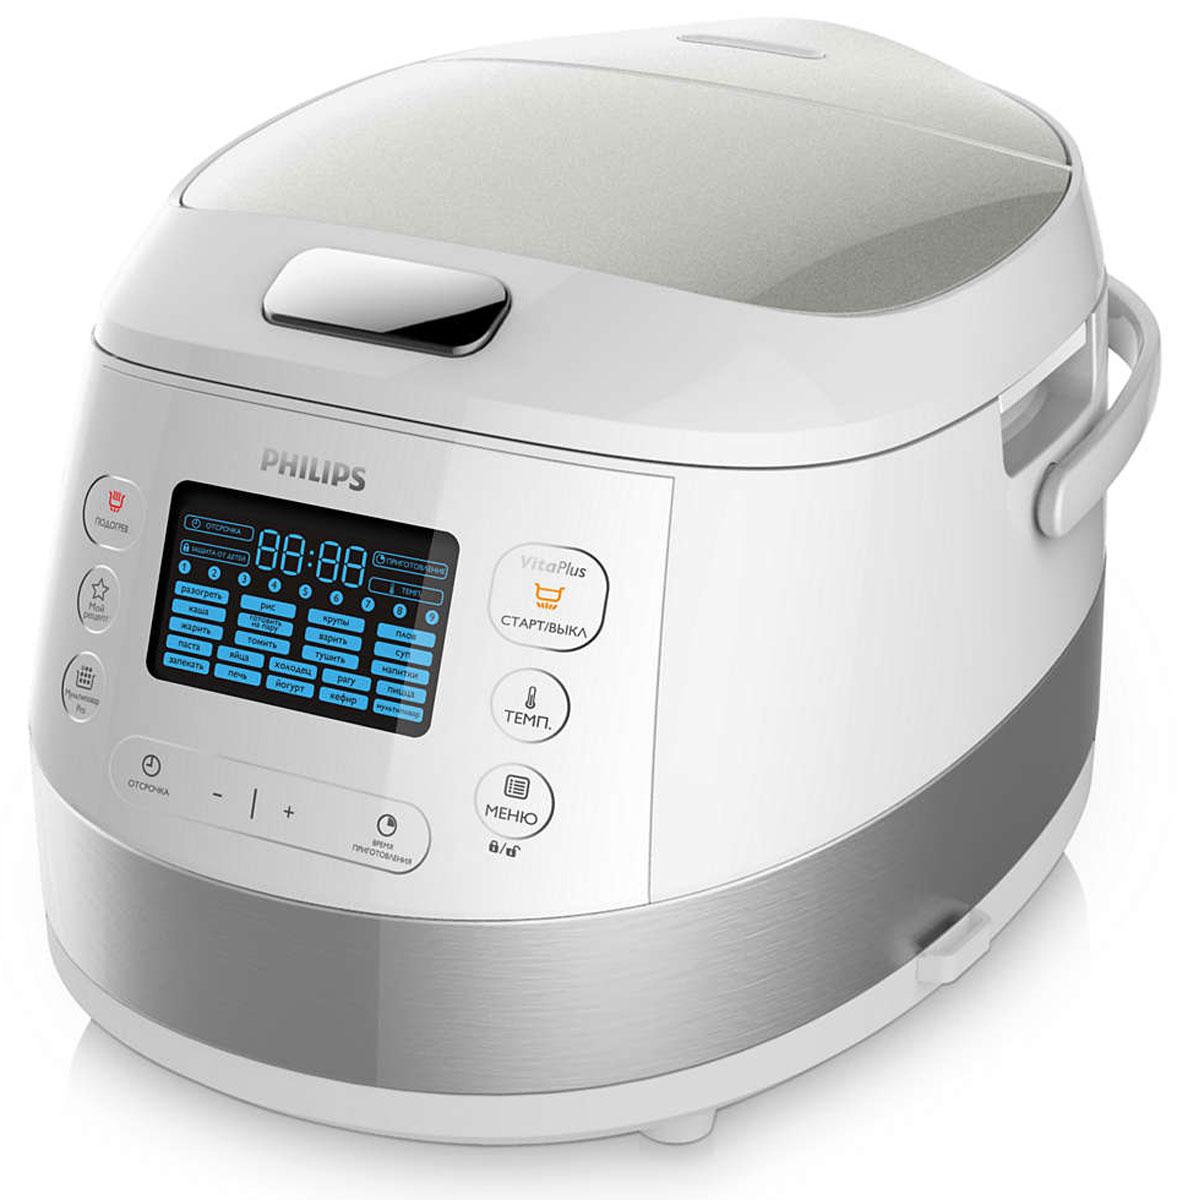 Philips HD4734/03, White мультиваркаHD4734/03Новая мультиварка Philips HD4734/03 раскрывает всю пользу ингредиентов благодаря усовершенствованной технологии нагрева блюда. Функция Мой рецепт позволяет легко сохранять выбранные настройки для повторного приготовления любимых блюд и обработки ингредиентов. Усовершенствованная технология нагрева для обработки ингредиентов служит для приготовления различных блюд, а равномерное распределение тепла достигается благодаря технологии 3D-нагрева. 22 автоматических предустановленных программы с оптимальными настройками температуры и нагрева обеспечивают превосходные результаты при обработке ингредиентов и приготовлении различных блюд. Удобный в программировании таймер отсрочки старта до 24 часов позволяет готовить блюда к заданному времени. Внутреннюю чашу можно мыть в посудомоечной машине. Philips HD4734/03 - здоровое питание каждый день. УВАЖАЕМЫЕ КЛИЕНТЫ! Обращаем Ваше внимание на тот факт, что объем чаши указан максимальный, с учетом полного...